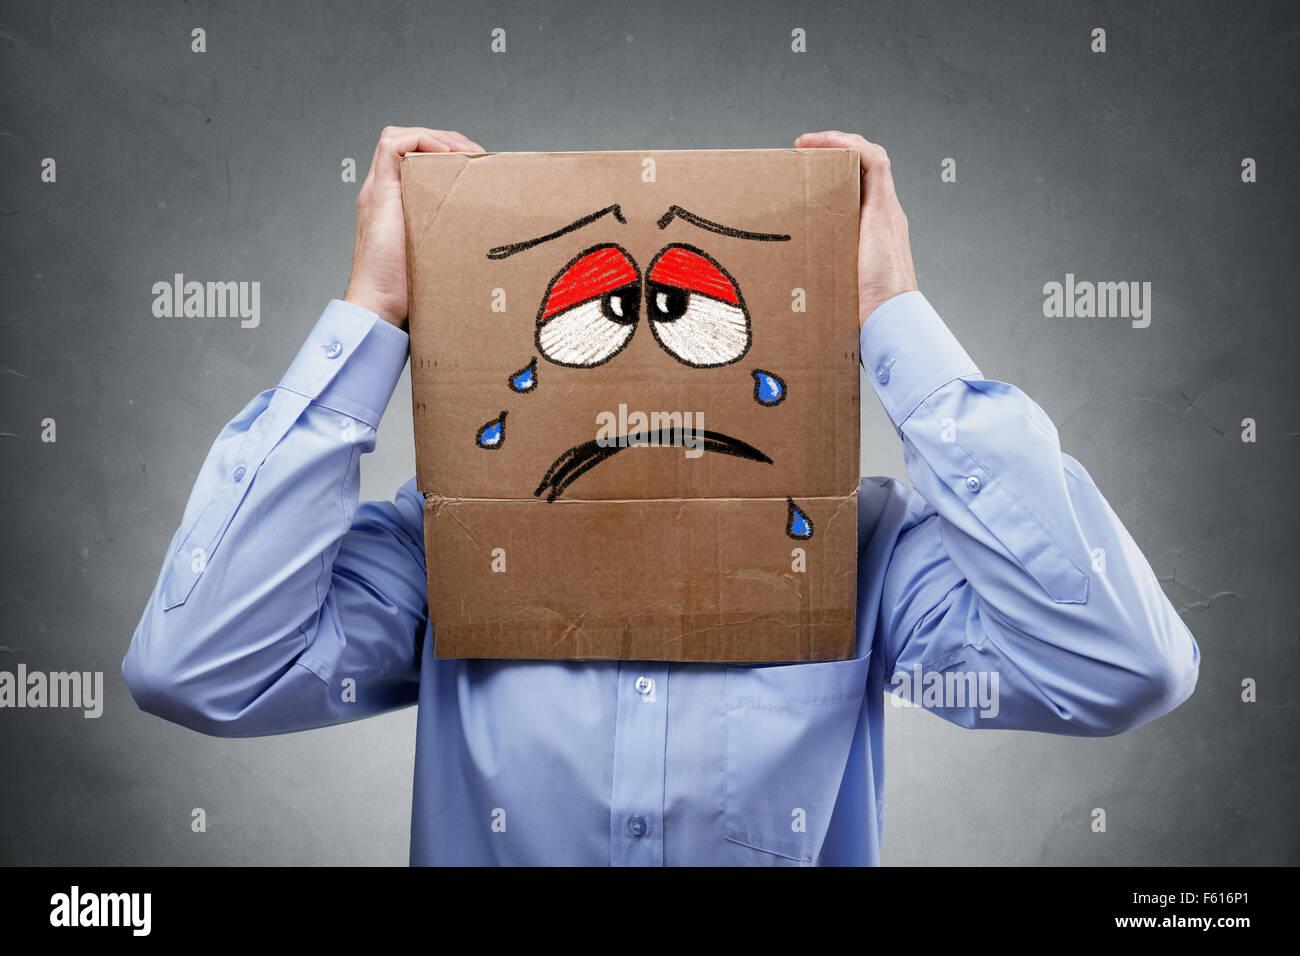 Homme avec boîte en carton sur la tête montrant expression triste Photo Stock